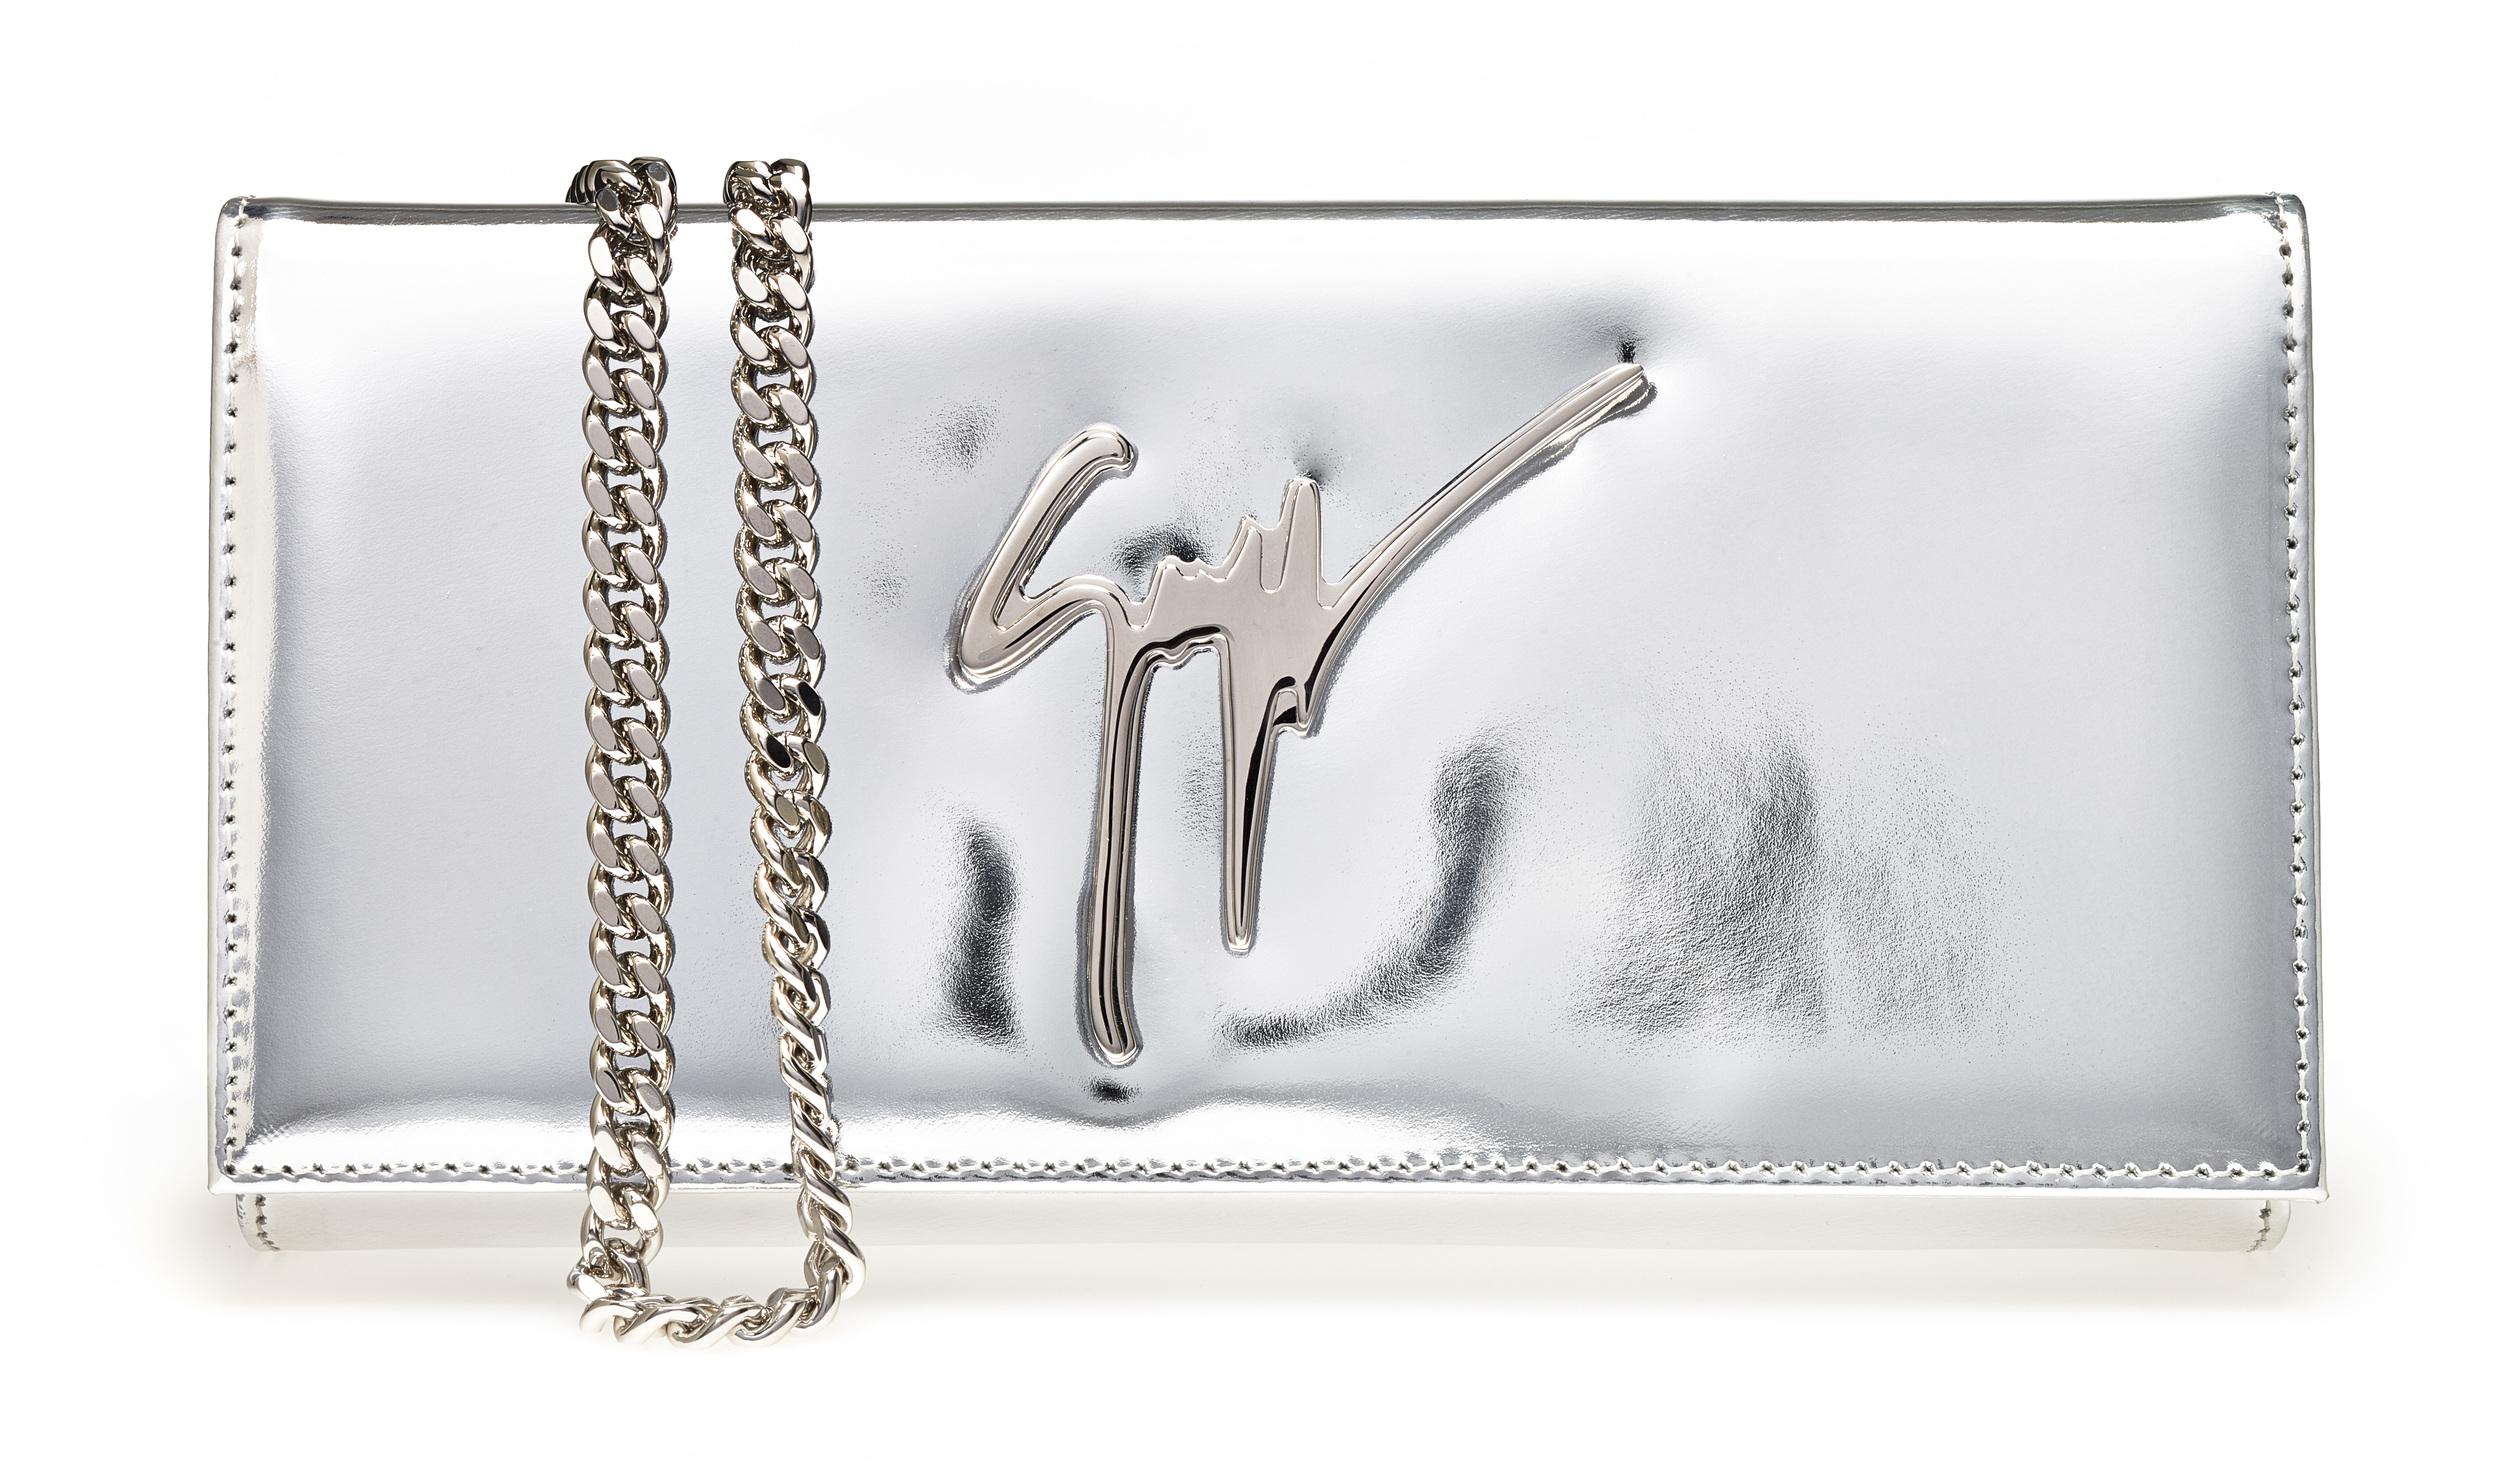 P & K Freisteller FS 2015 Giuseppe Zanotti Tasche 595 EUR